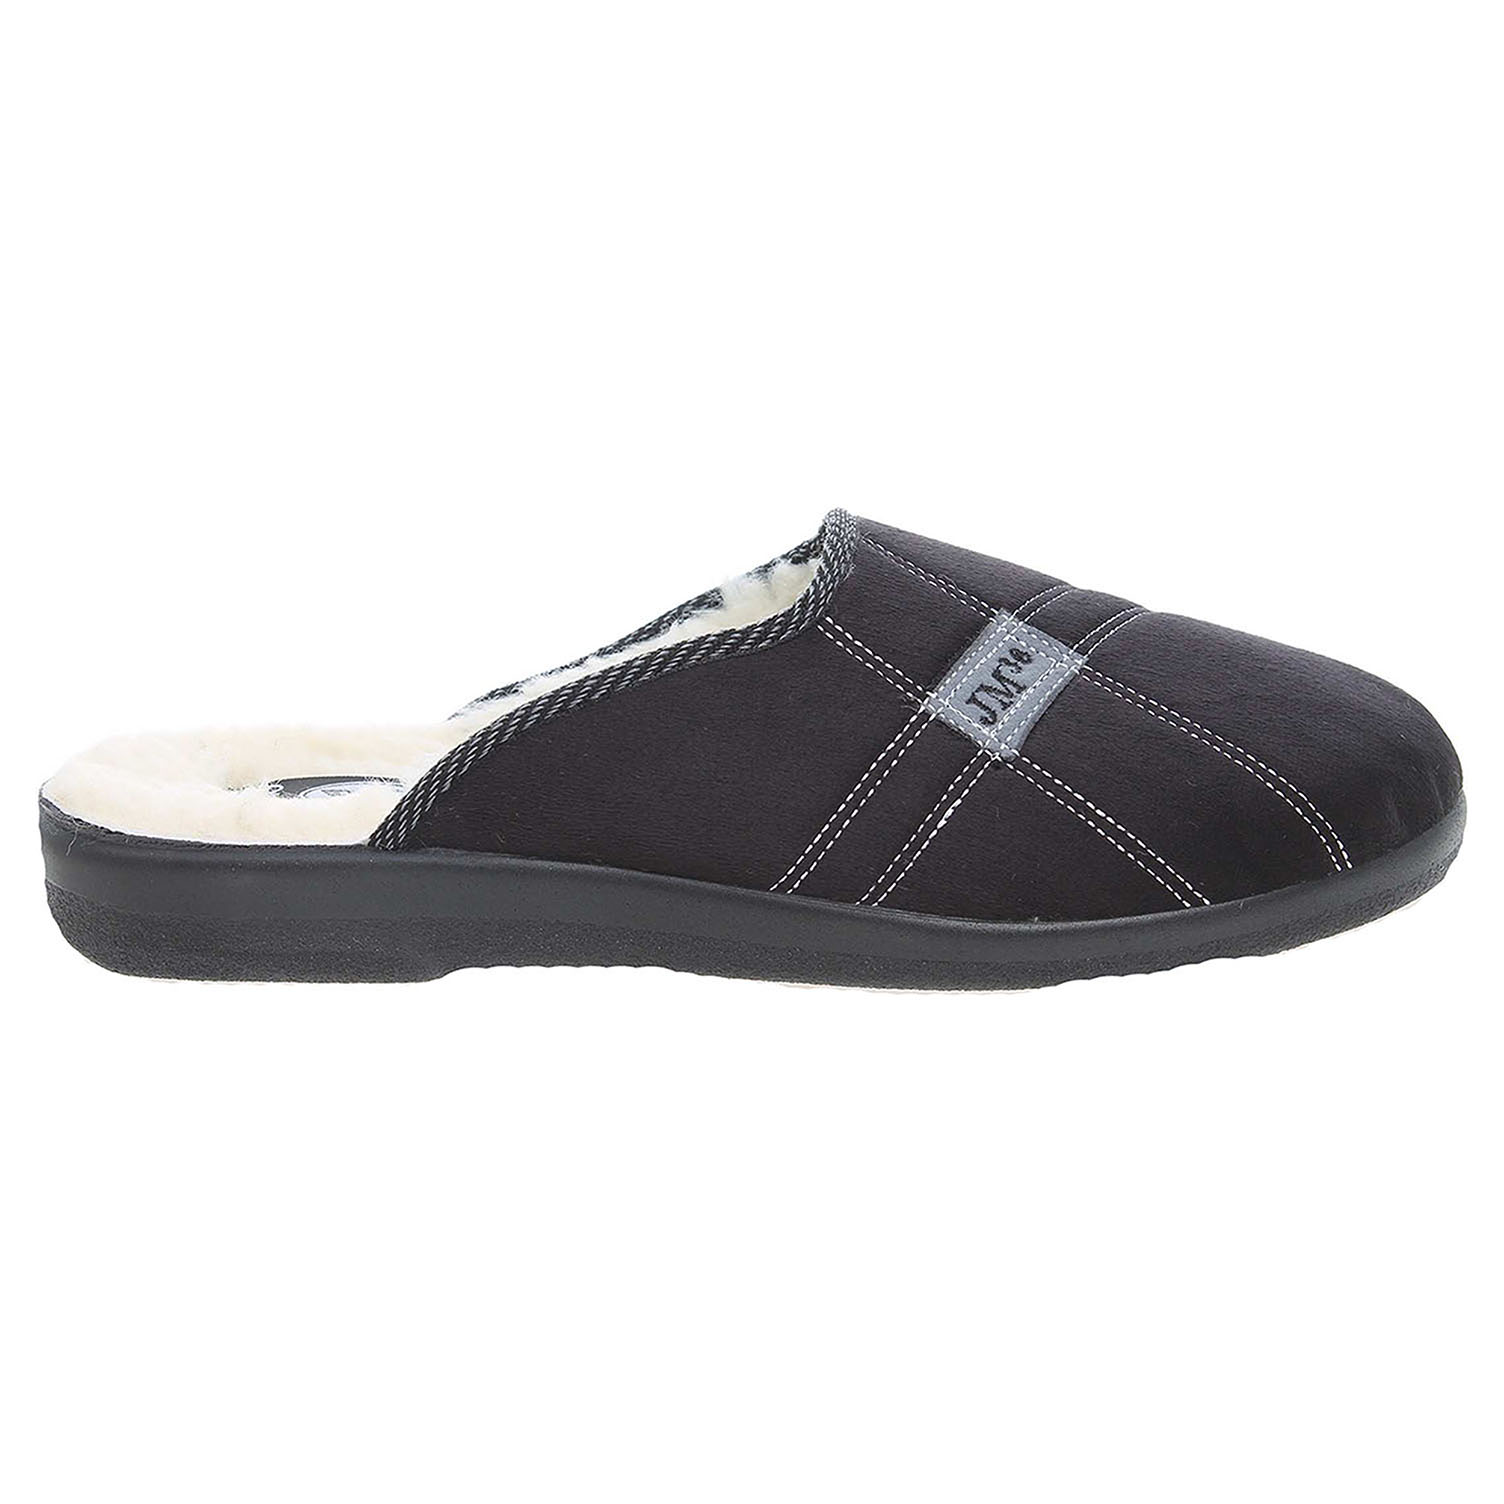 Rogallo pánské domácí pantofle 4110-006 černé 44